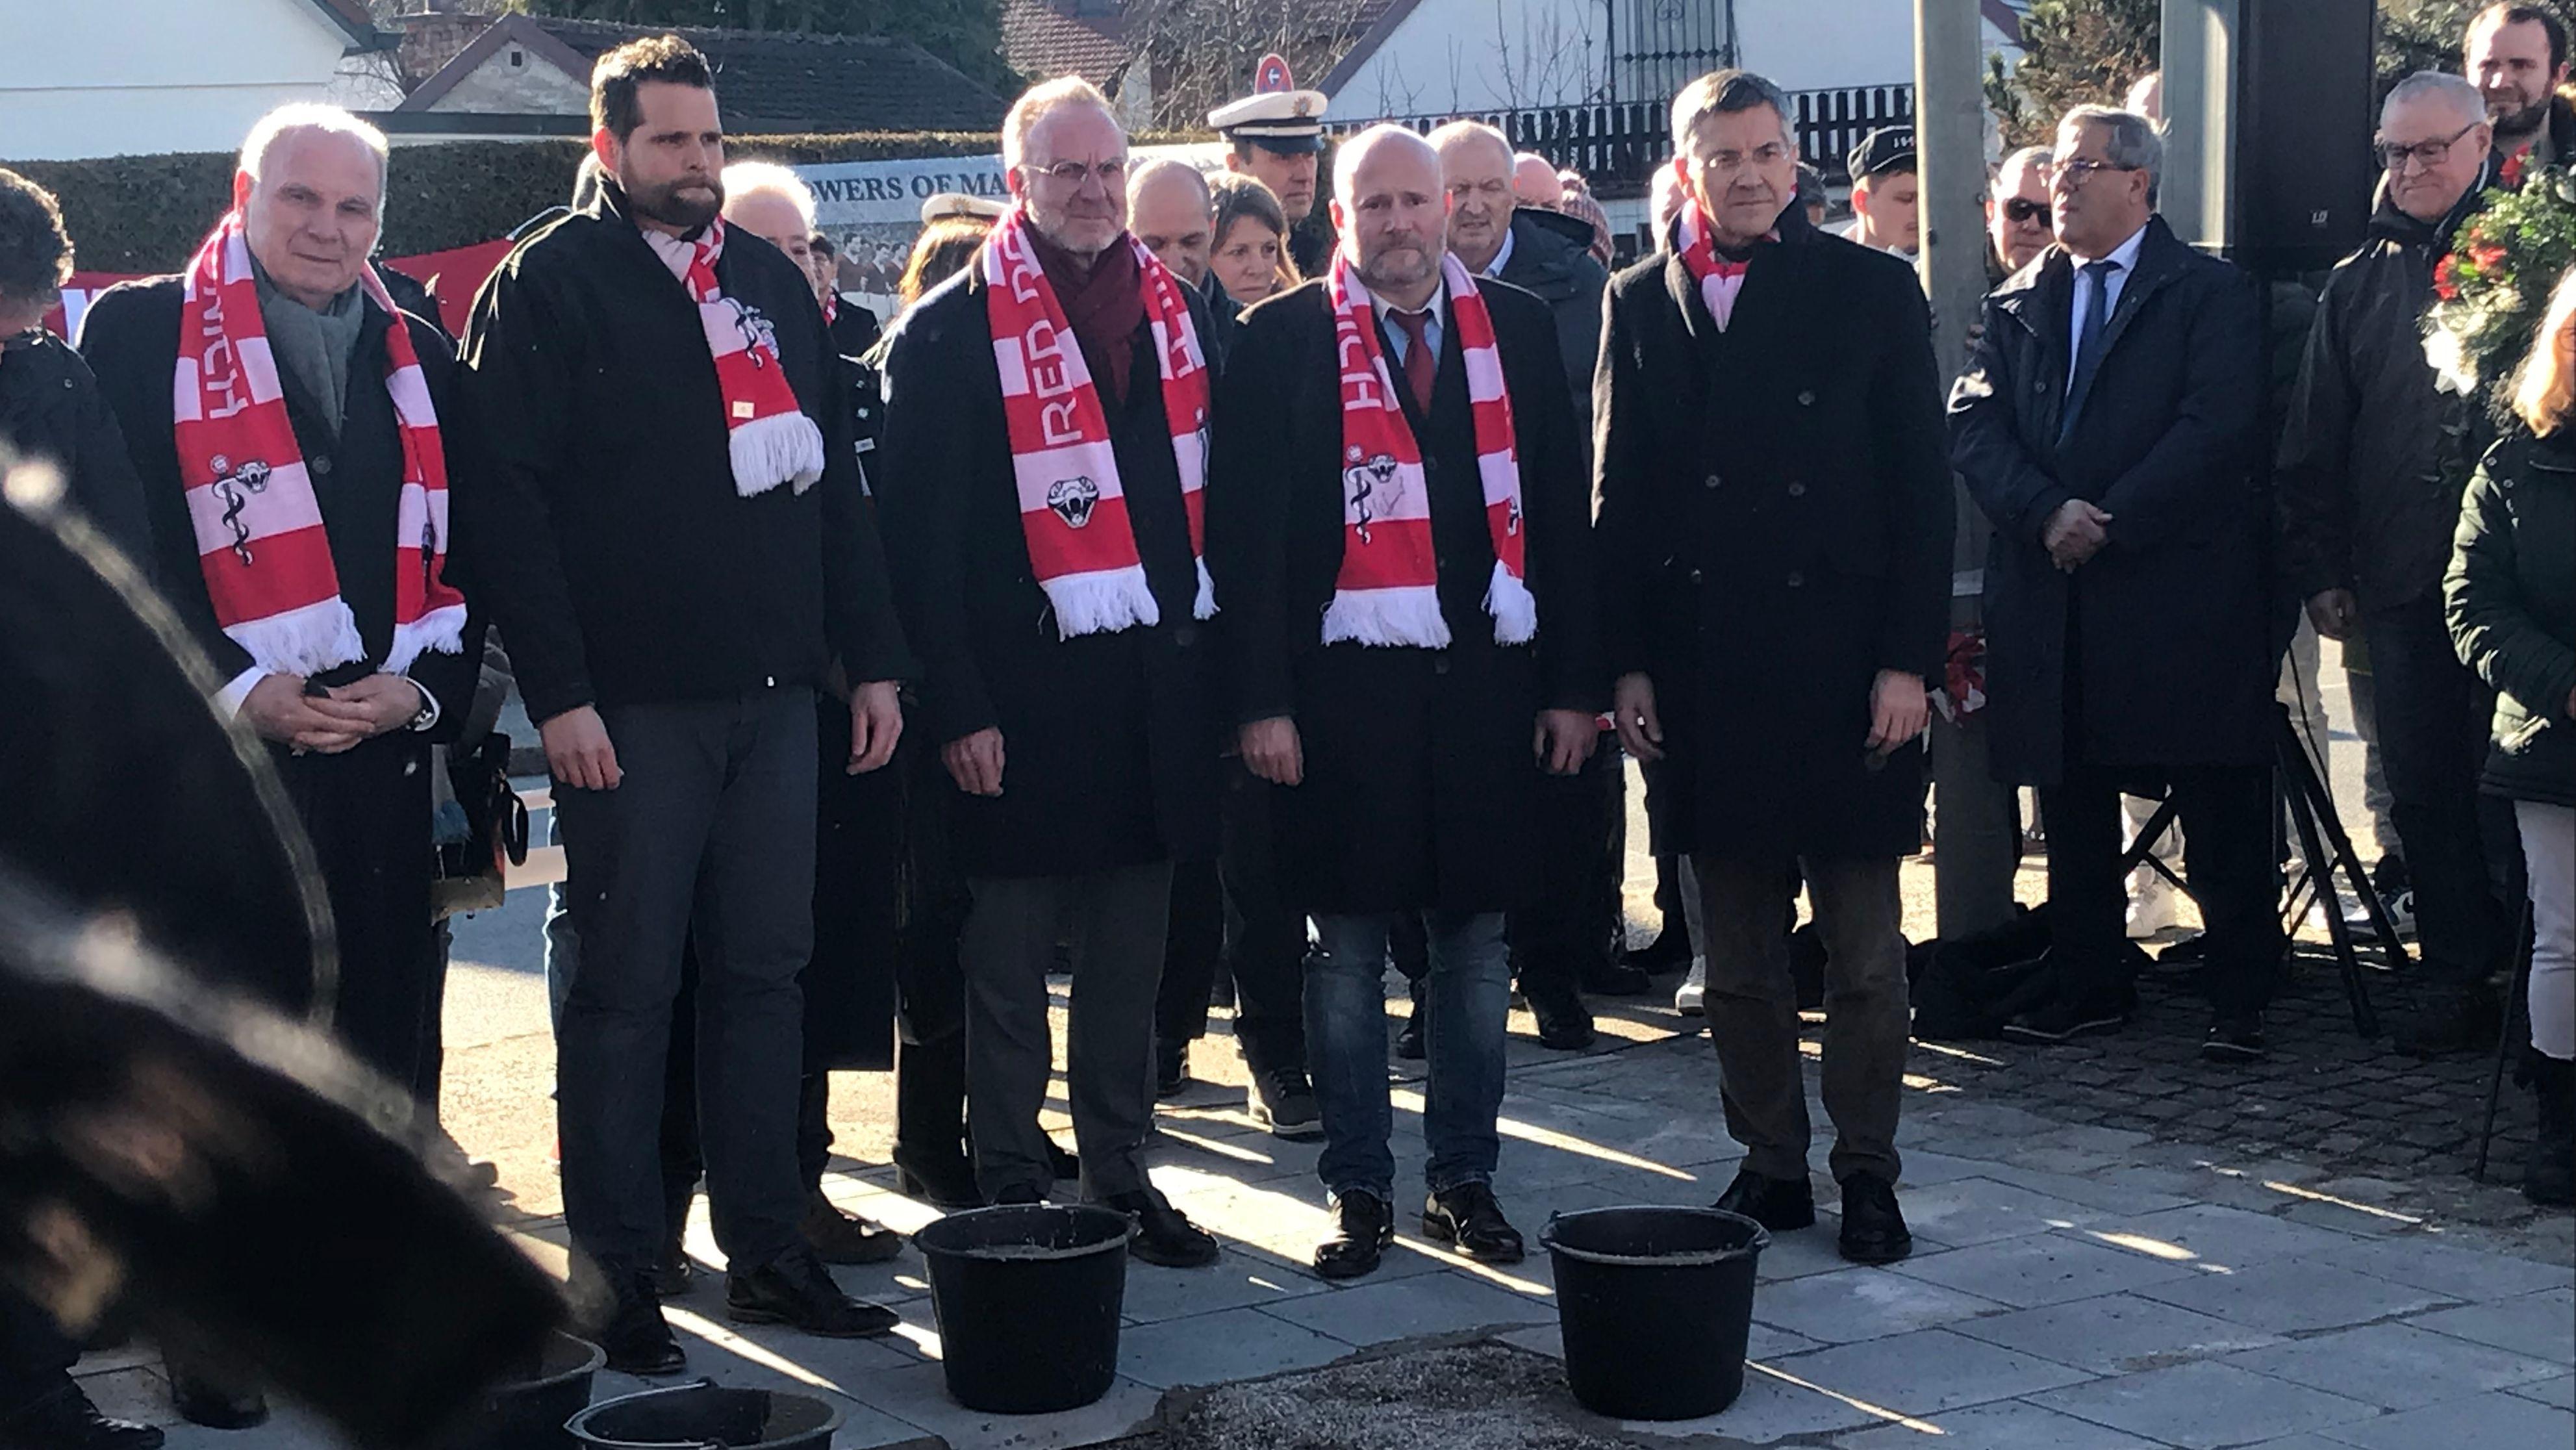 Grundsteinlegung der Gedenk-Vitrine mit dem Vorstand des FC Bayern